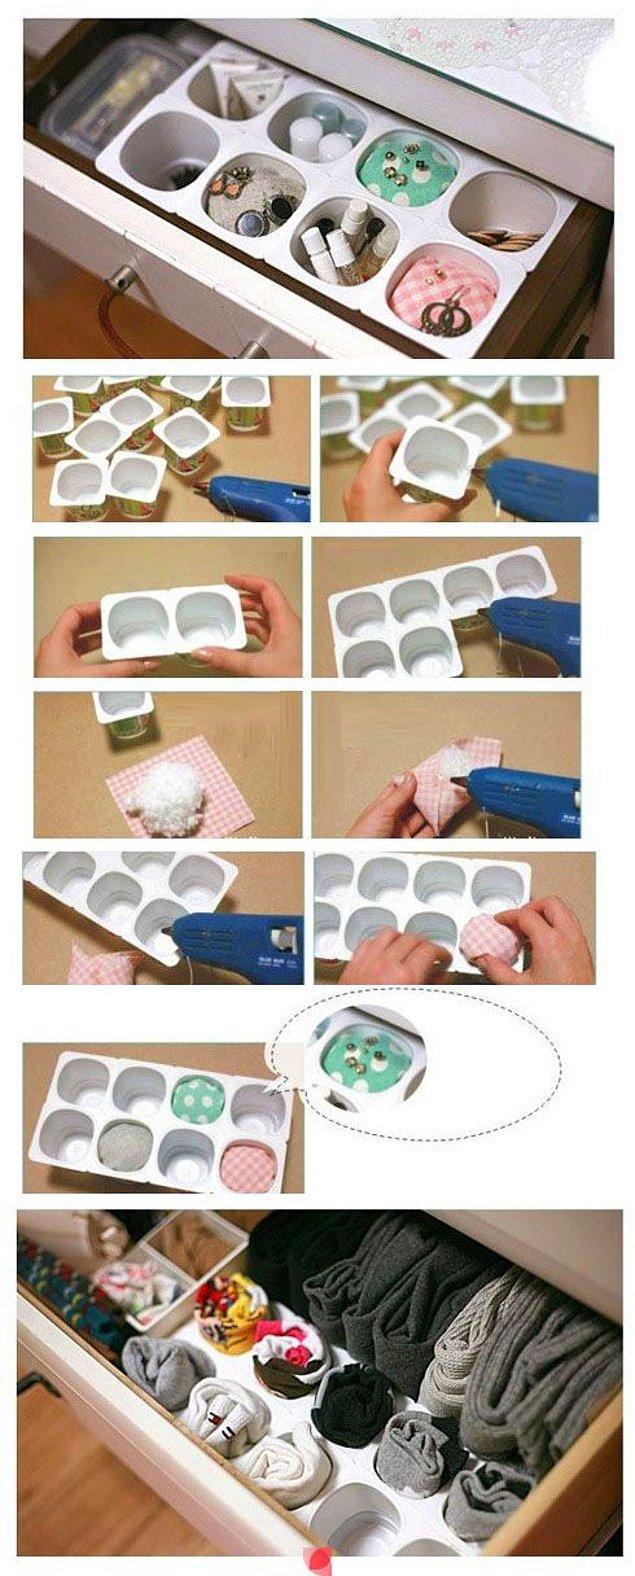 17. Yoğurt kartonlarından da harika çekmece içi düzenleyici olur.